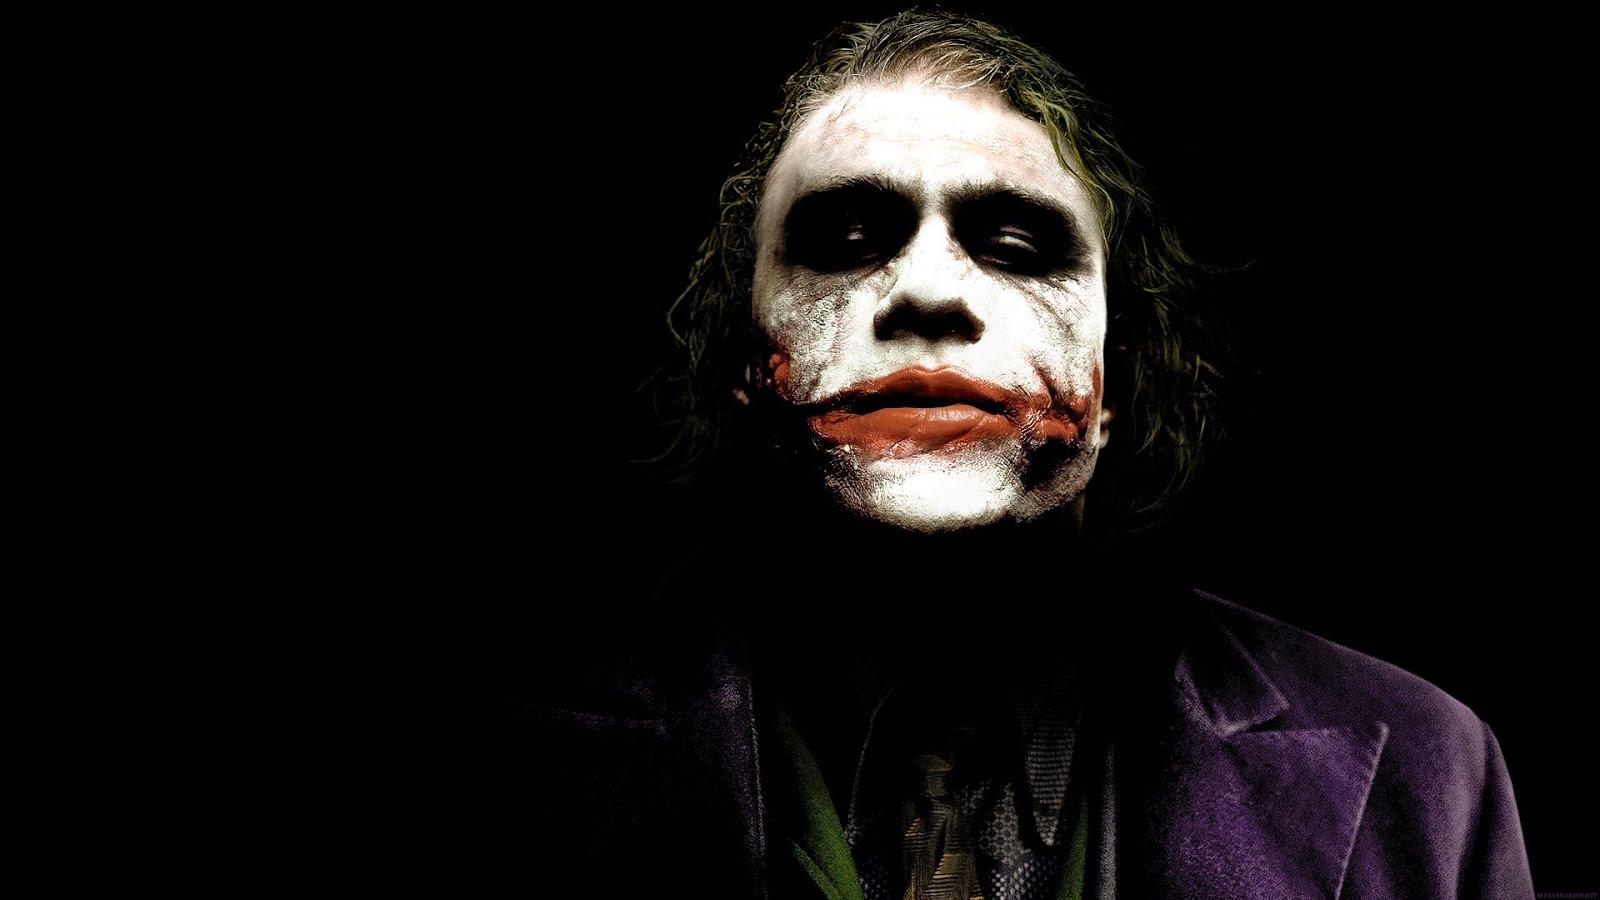 What Can We Learn From Joker Landhiani